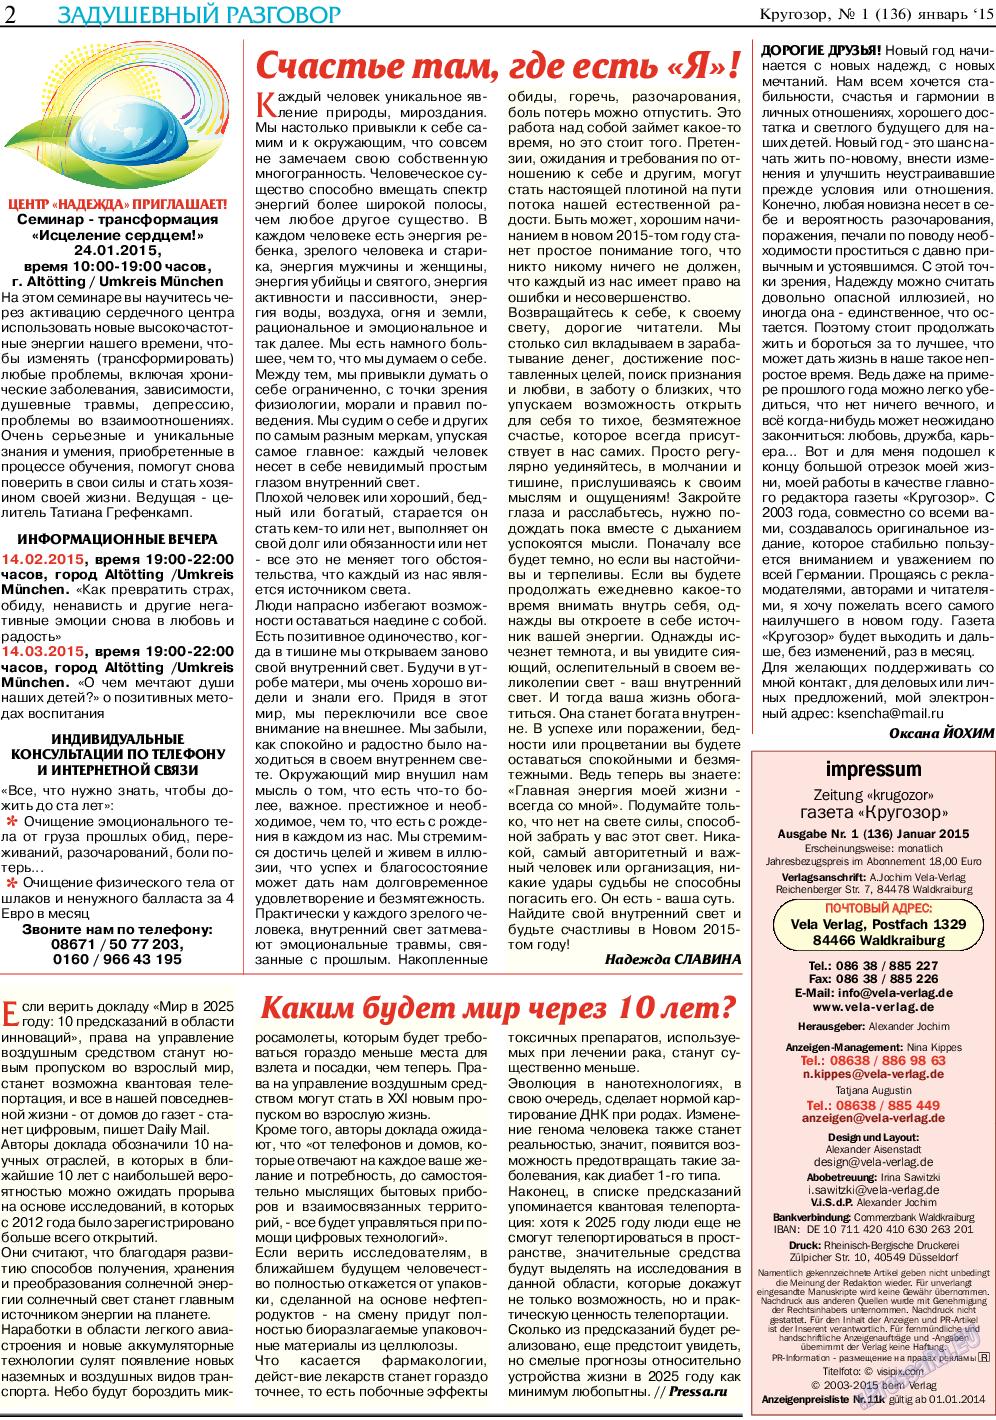 Кругозор (газета). 2015 год, номер 1, стр. 2